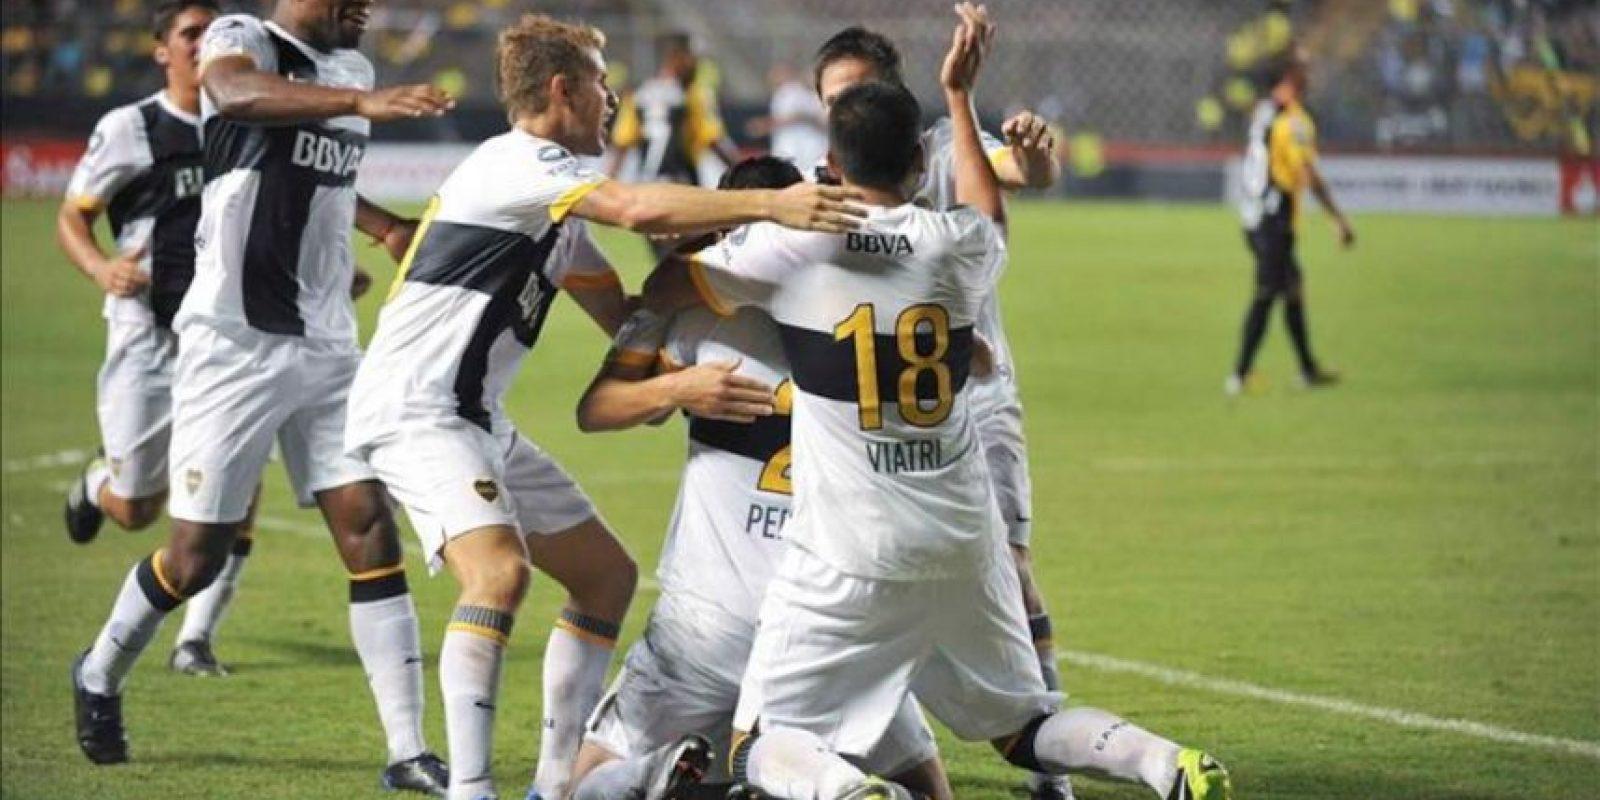 Jugadores del Boca Juniors de Argentina celebran después de anotar contra Barcelona de Ecuador, en un partido por la Copa Libertadores en el estadio de Barcelona de Guayaquil (Ecuador). EFE